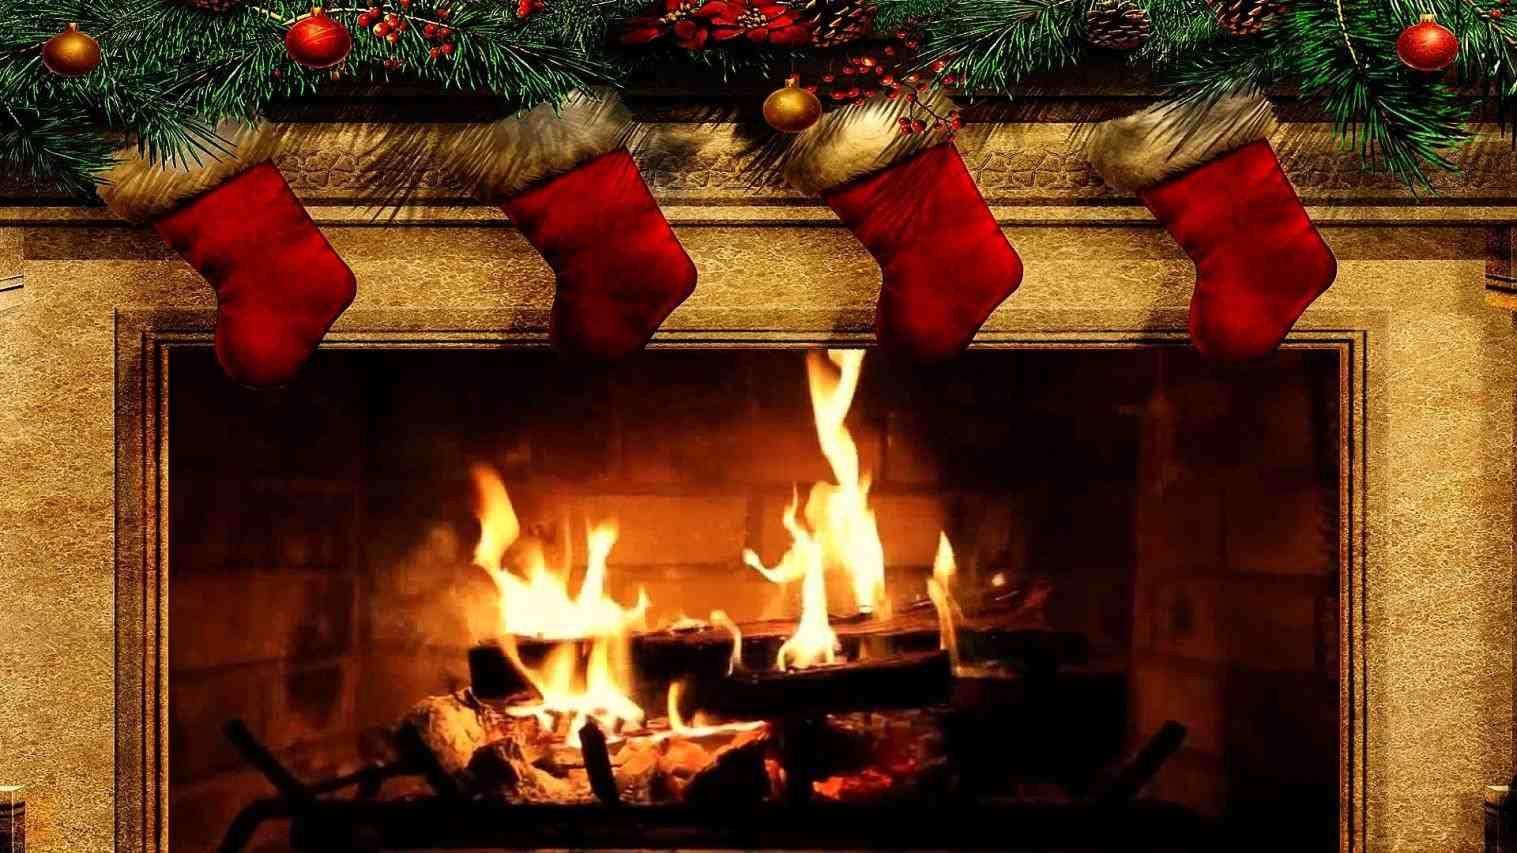 New Post christmas fireplace gif tumblr New